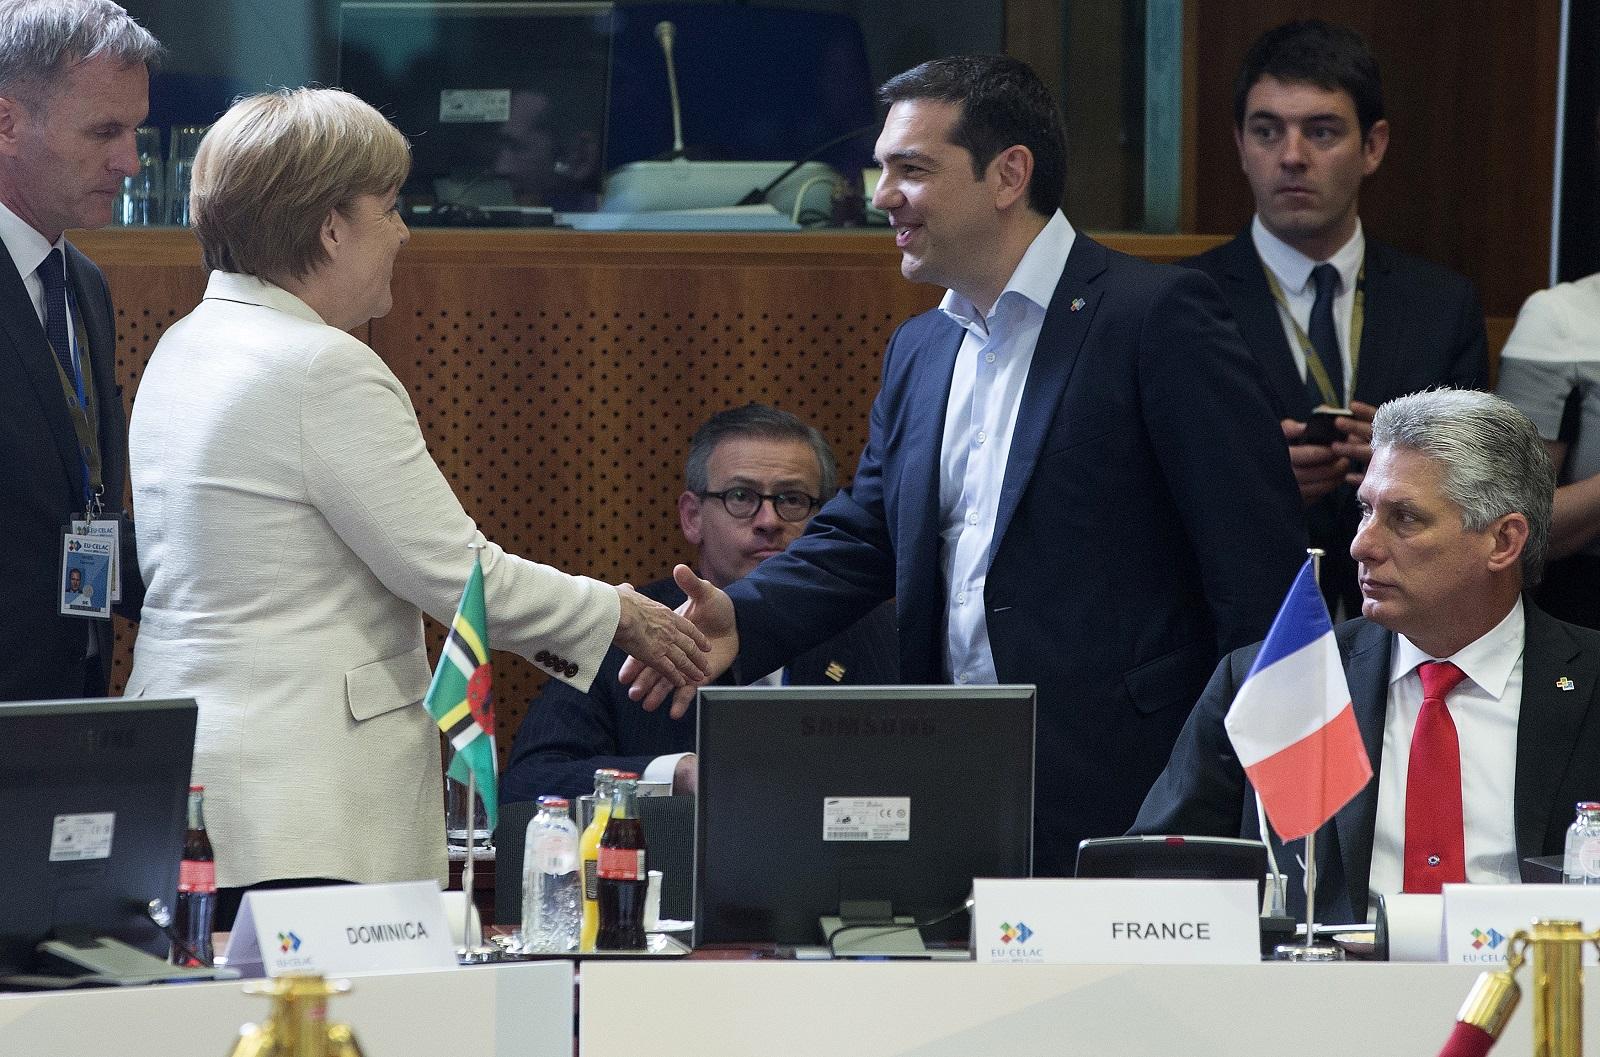 Angela Merkel and Alexis Tsipras in Brussels